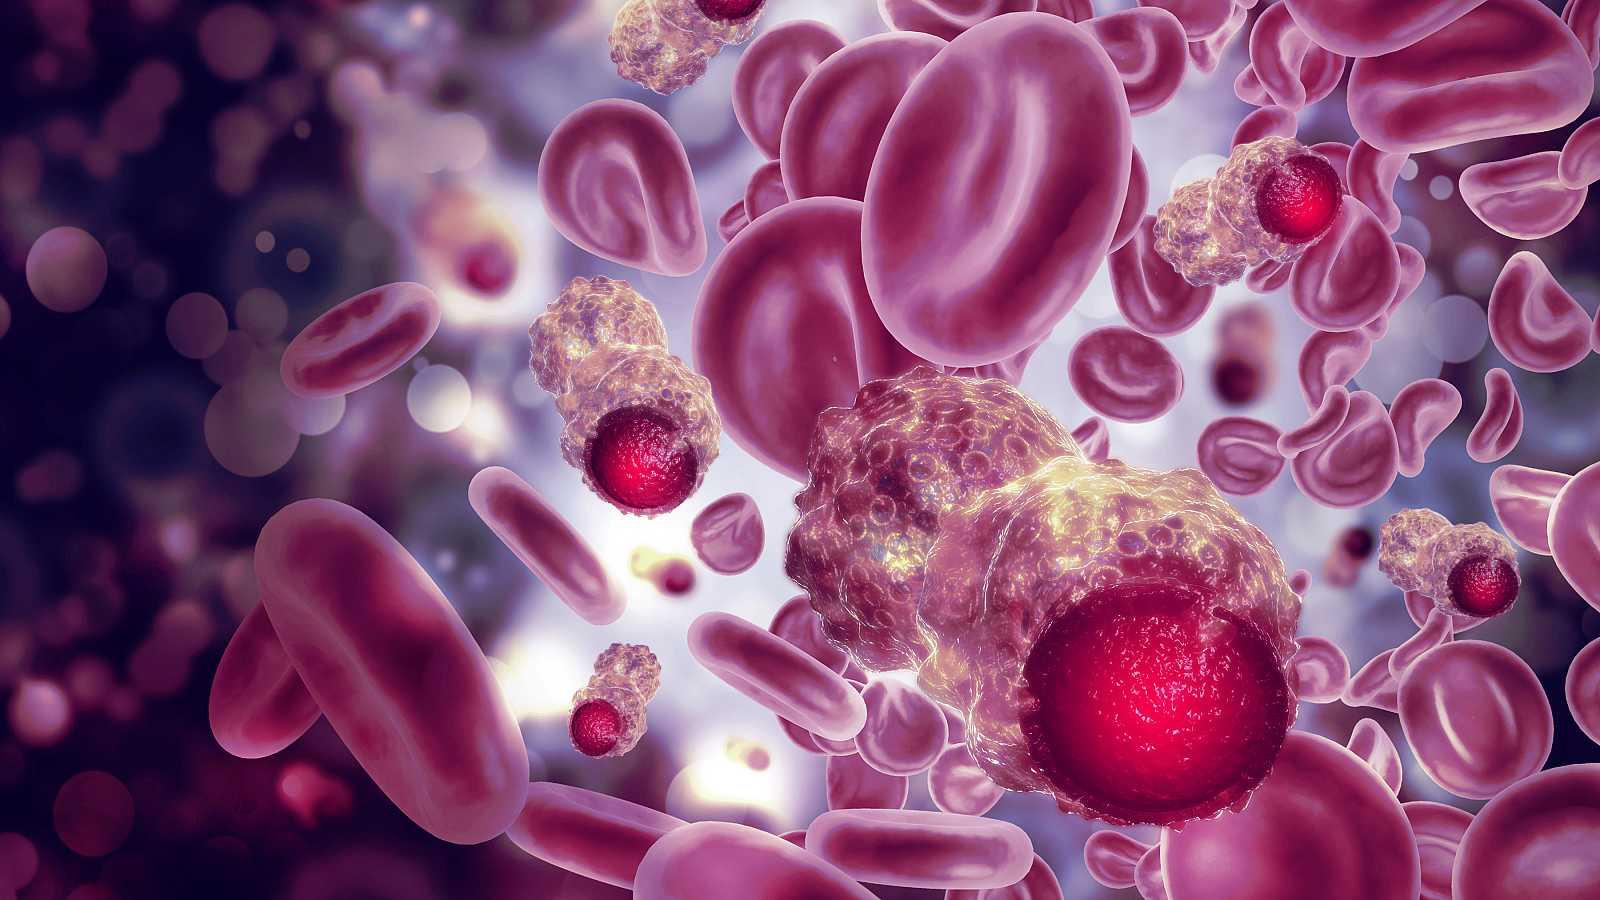 células normales y cancerosas